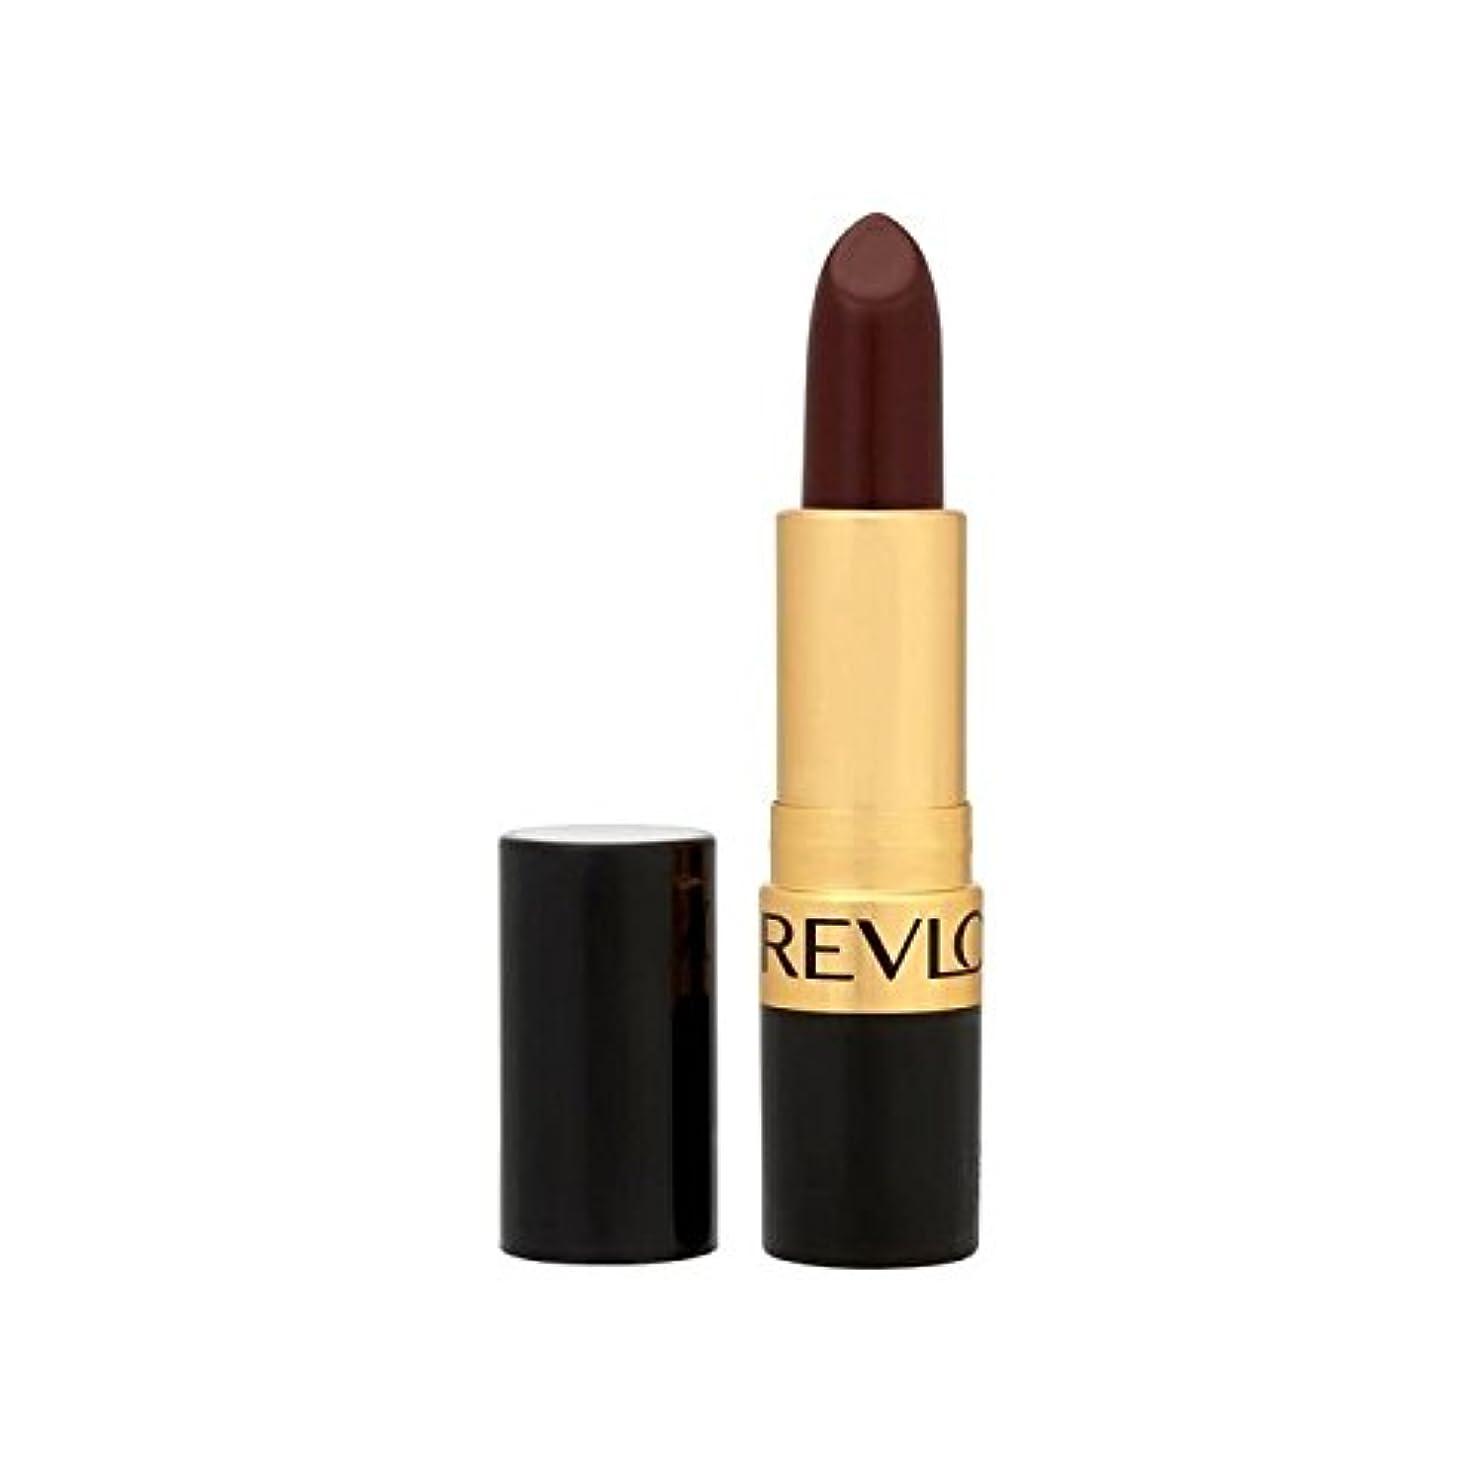 島召喚するしおれたレブロンスーパー光沢のある口紅ブラックチェリー477 x2 - Revlon Super Lustrous Lipstick Black Cherry 477 (Pack of 2) [並行輸入品]